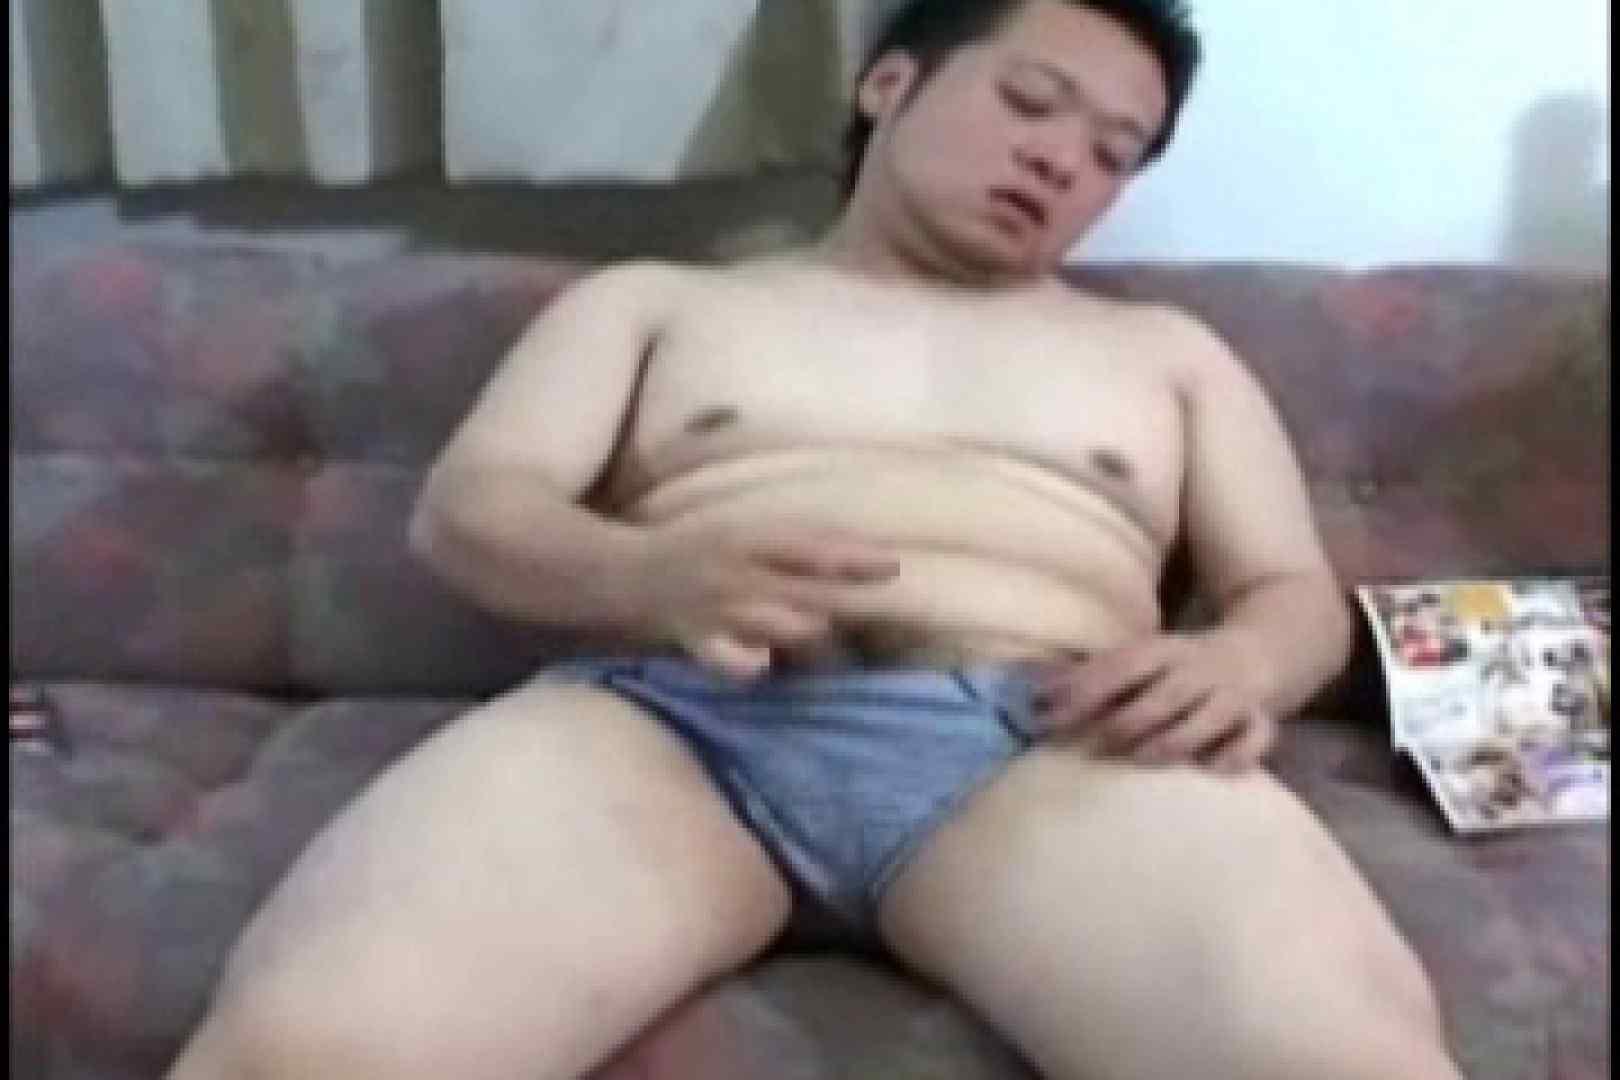 小太りボーイの孫の手オナニー 手淫 | 風呂天国 AV動画 76枚 50